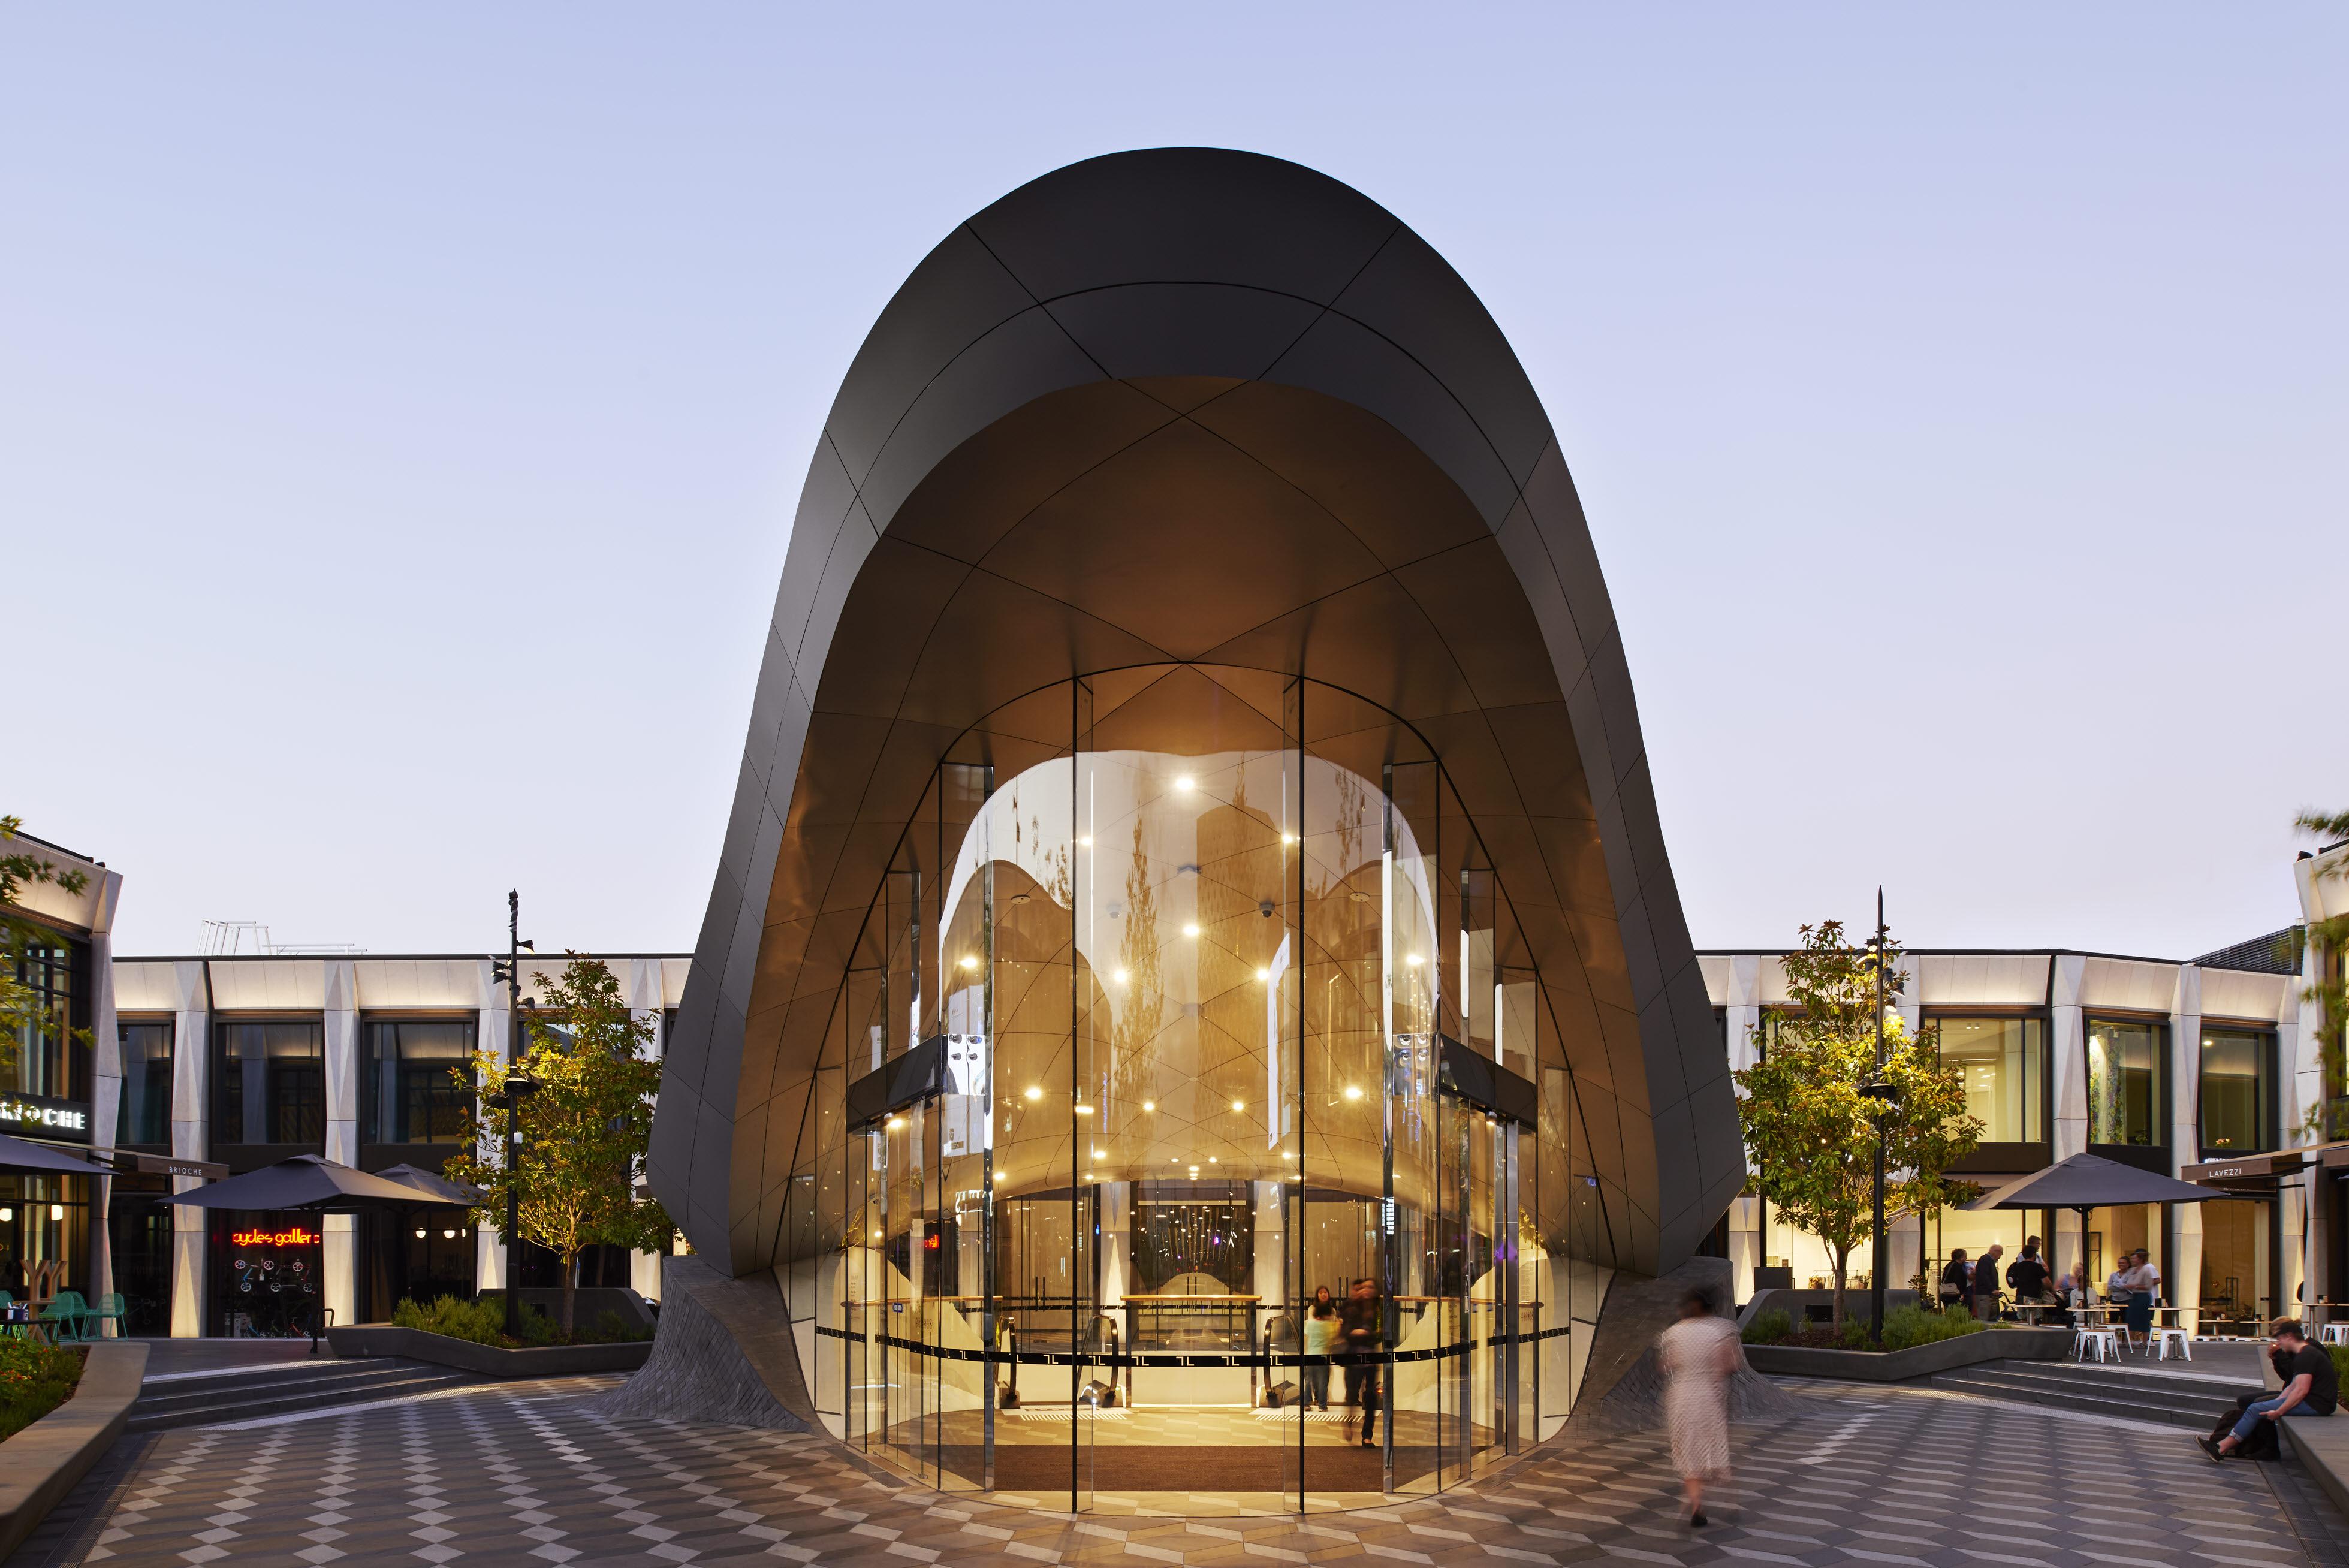 〔안정원의 건축 칼럼〕 링우드 교외 지역을 밝히는 랜턴이자 상징적이고 공공적인 이스트랜드6